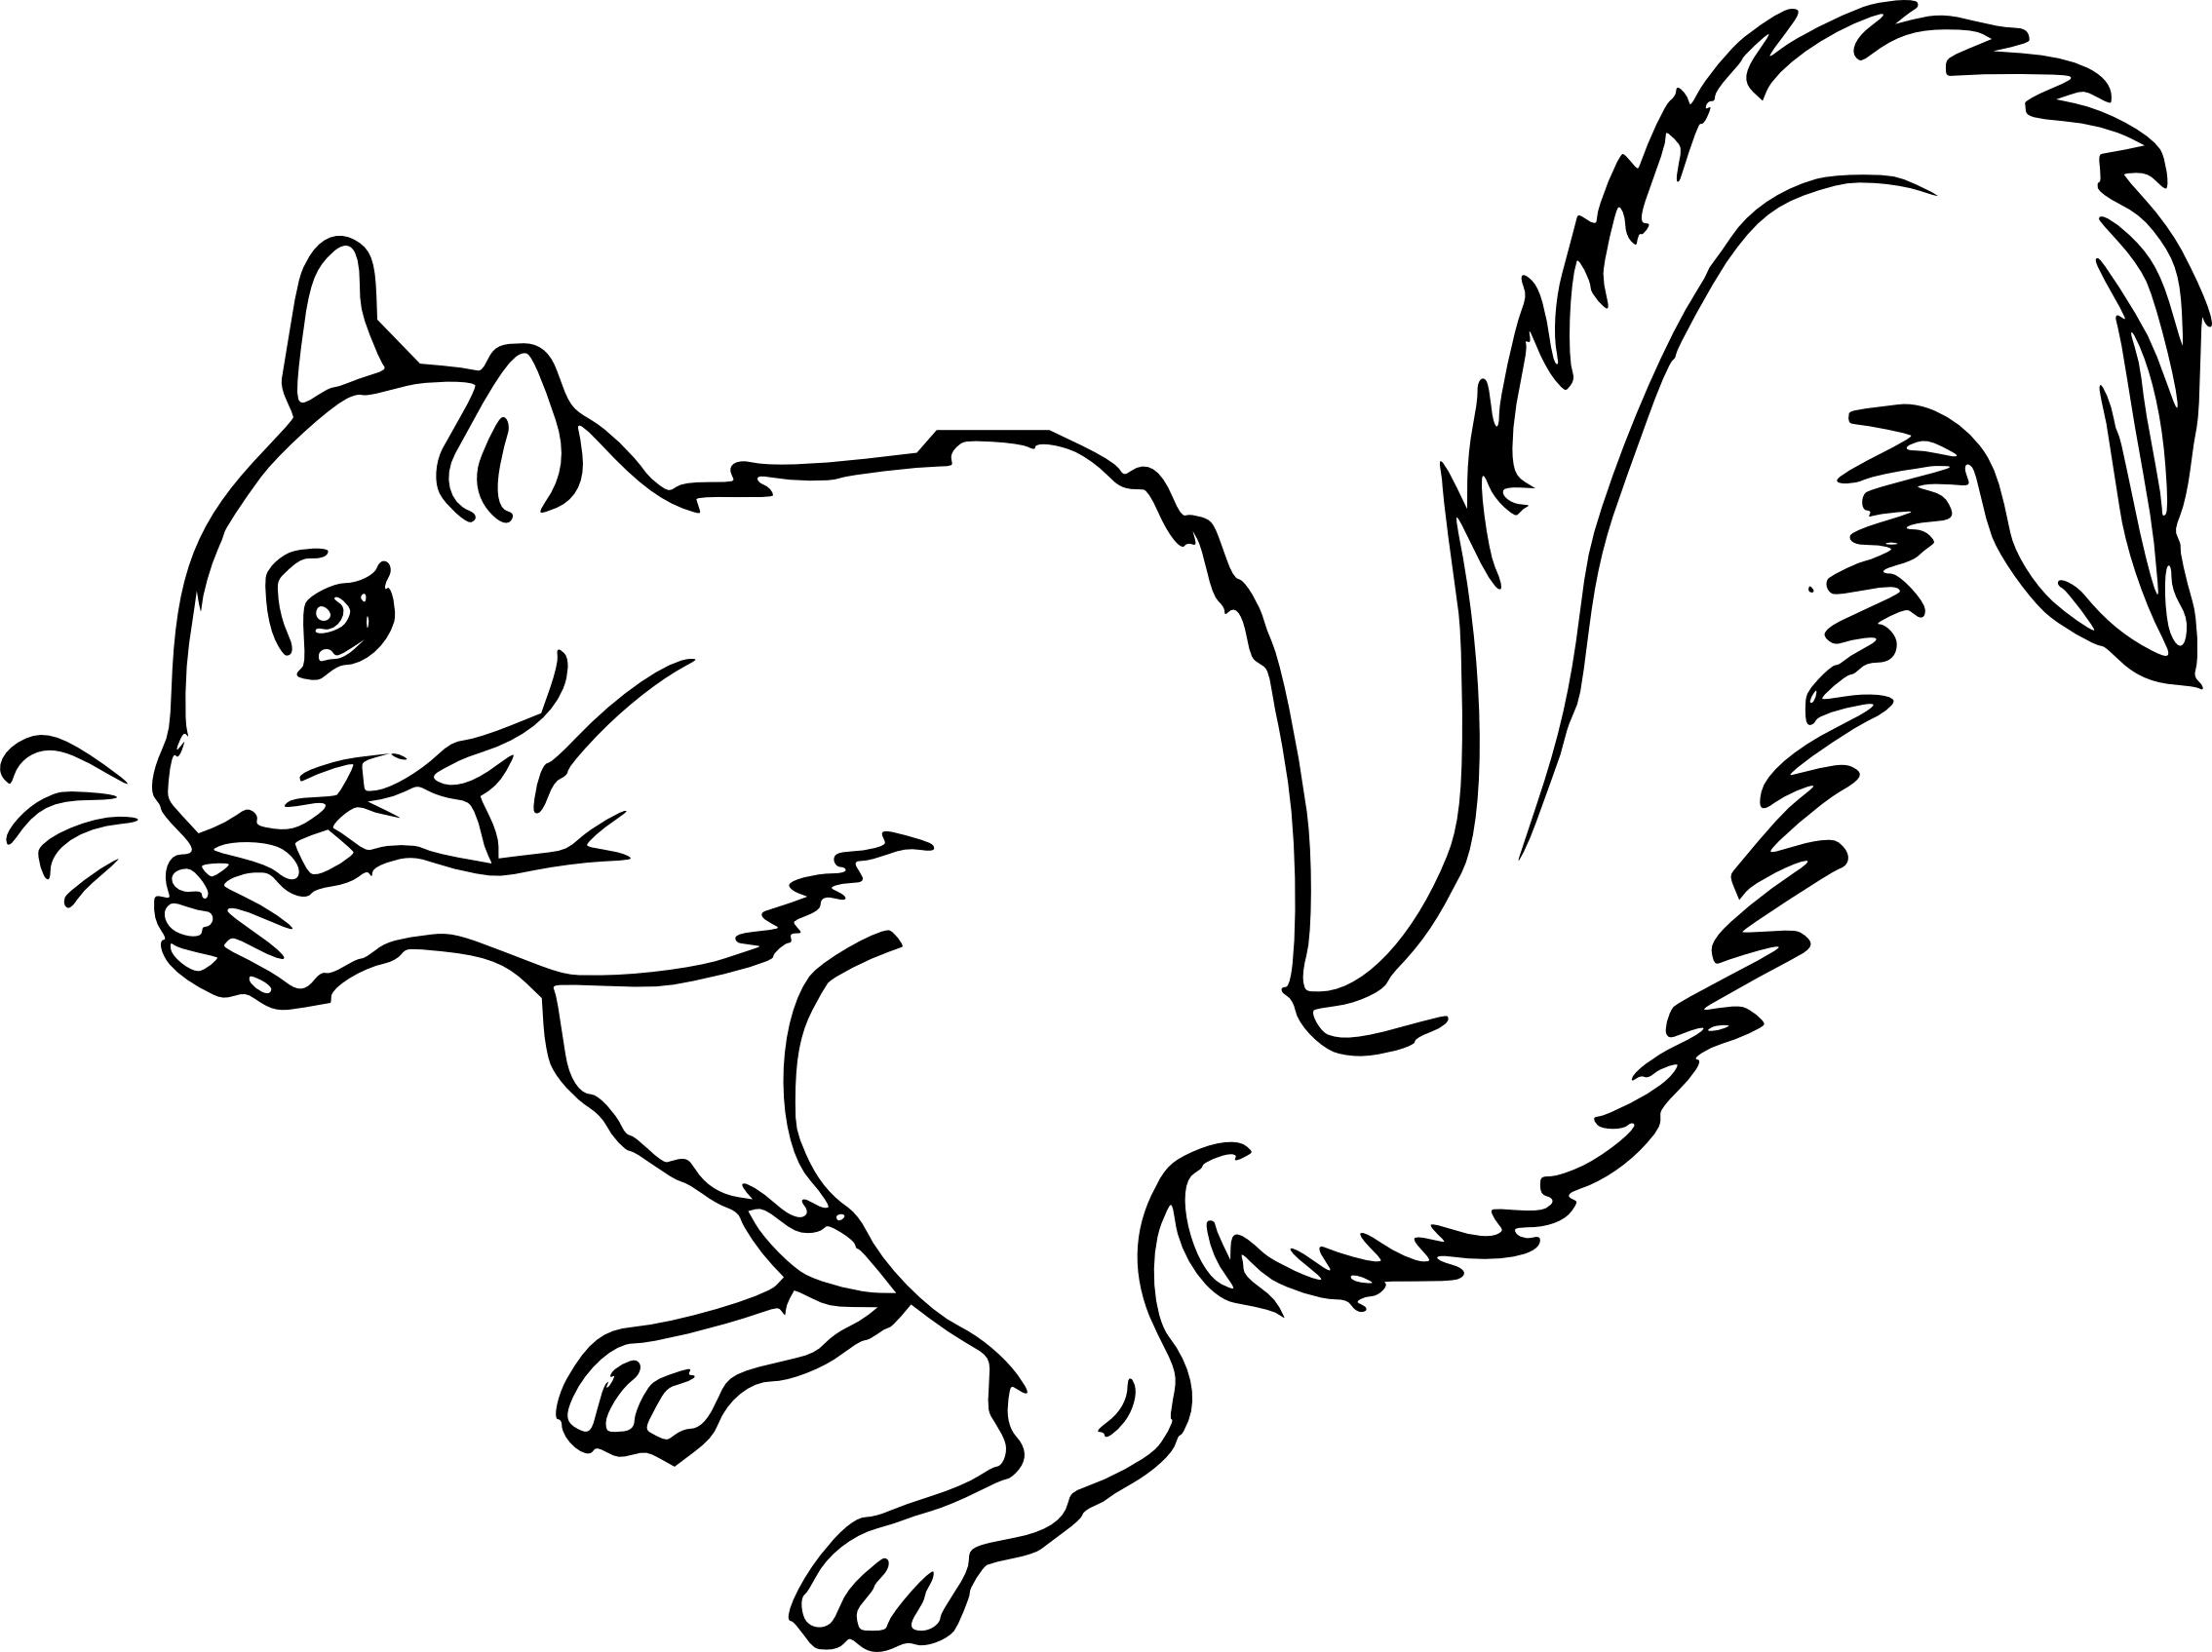 Coloriage cureuil et dessin imprimer - Coloriage d ecureuil ...